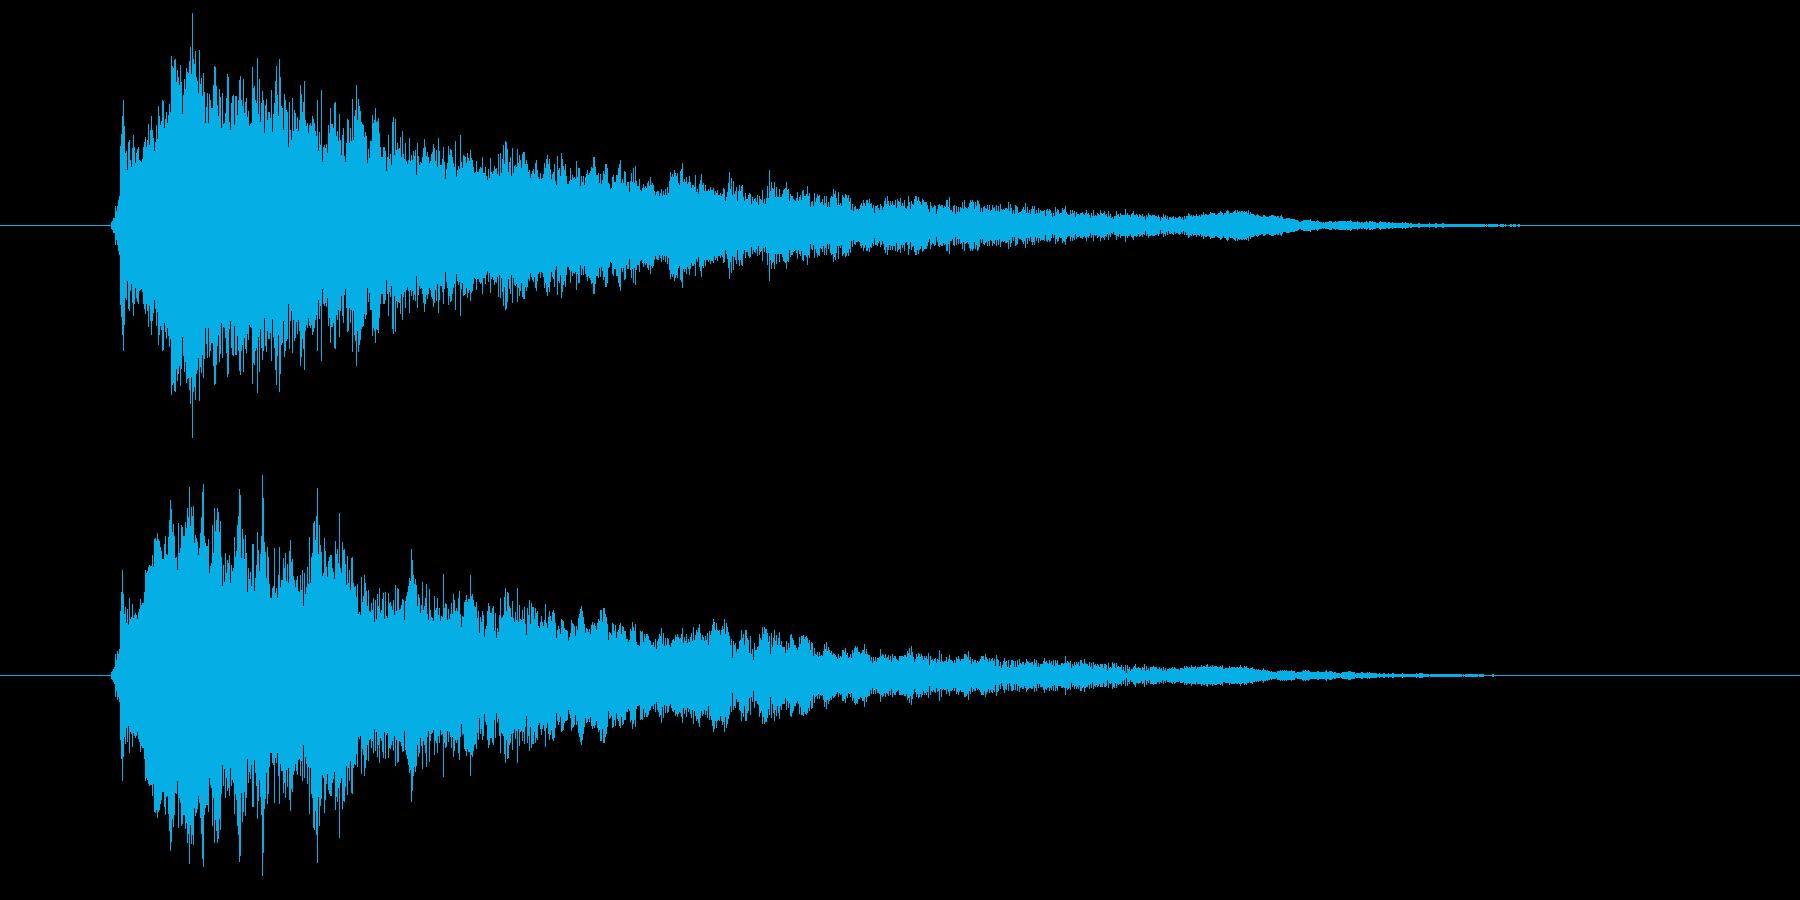 ゲームセレクト音などに使える近未来的SEの再生済みの波形